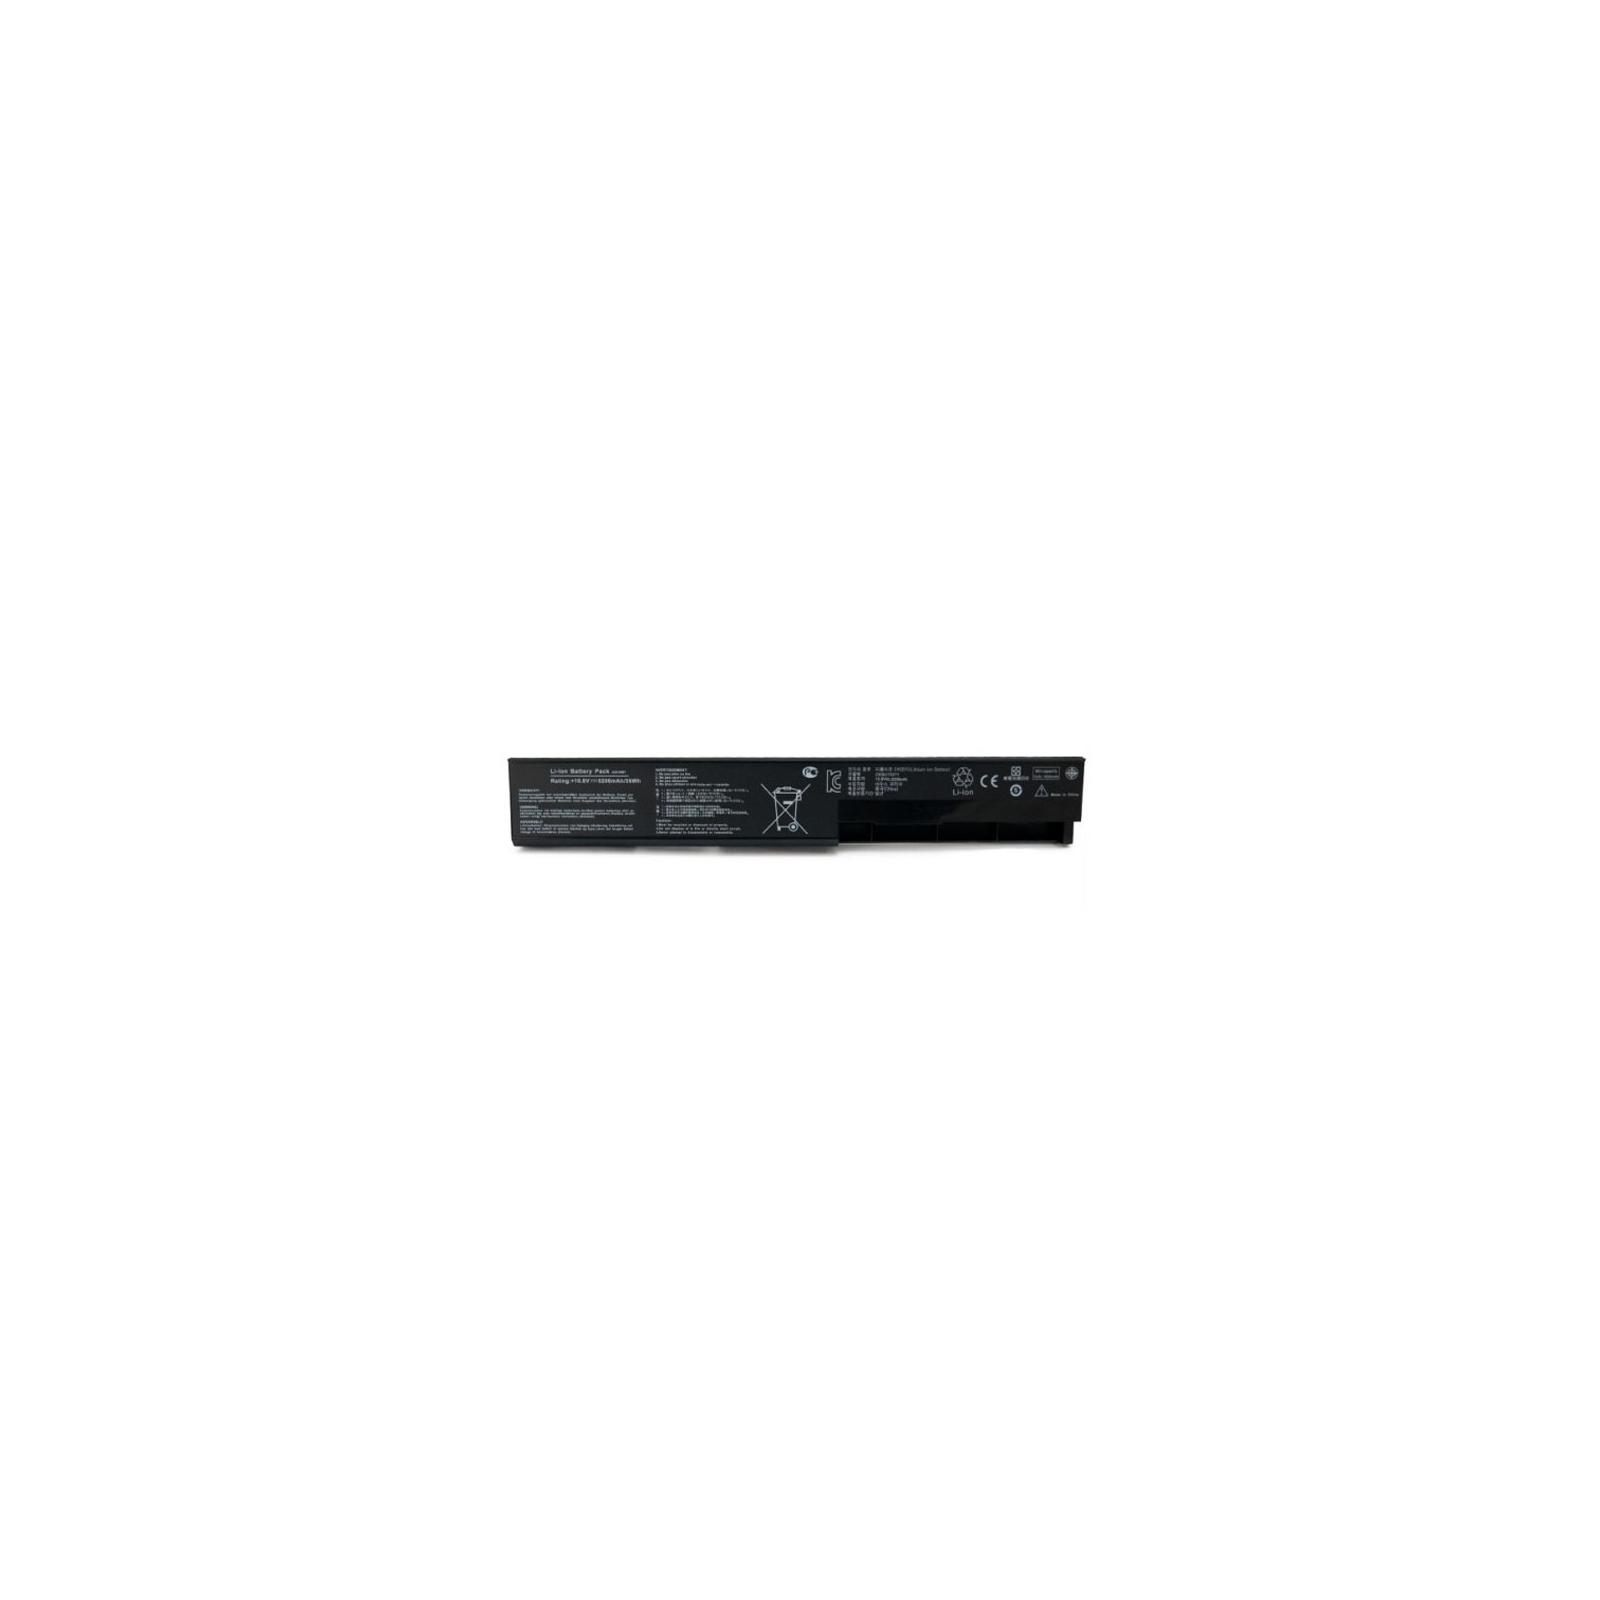 Аккумулятор для ноутбука Asus A32-X401 10.8 V, 5200 mAh 56 Wh Extradigital (BNA3998)